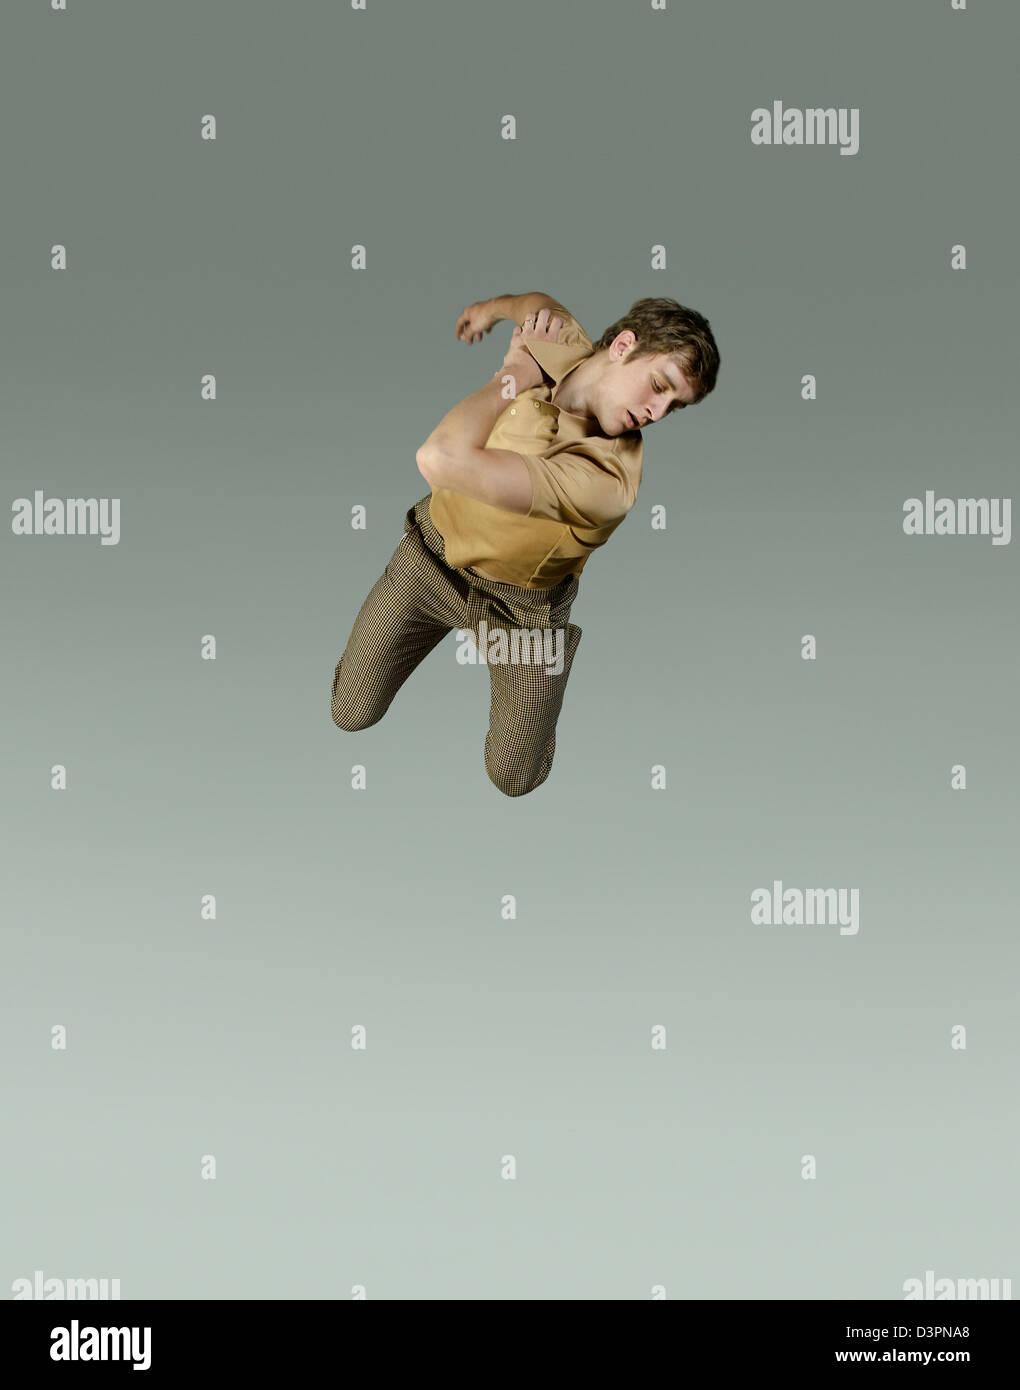 Los seres humanos congelados flotando en el aire. Imagen De Stock